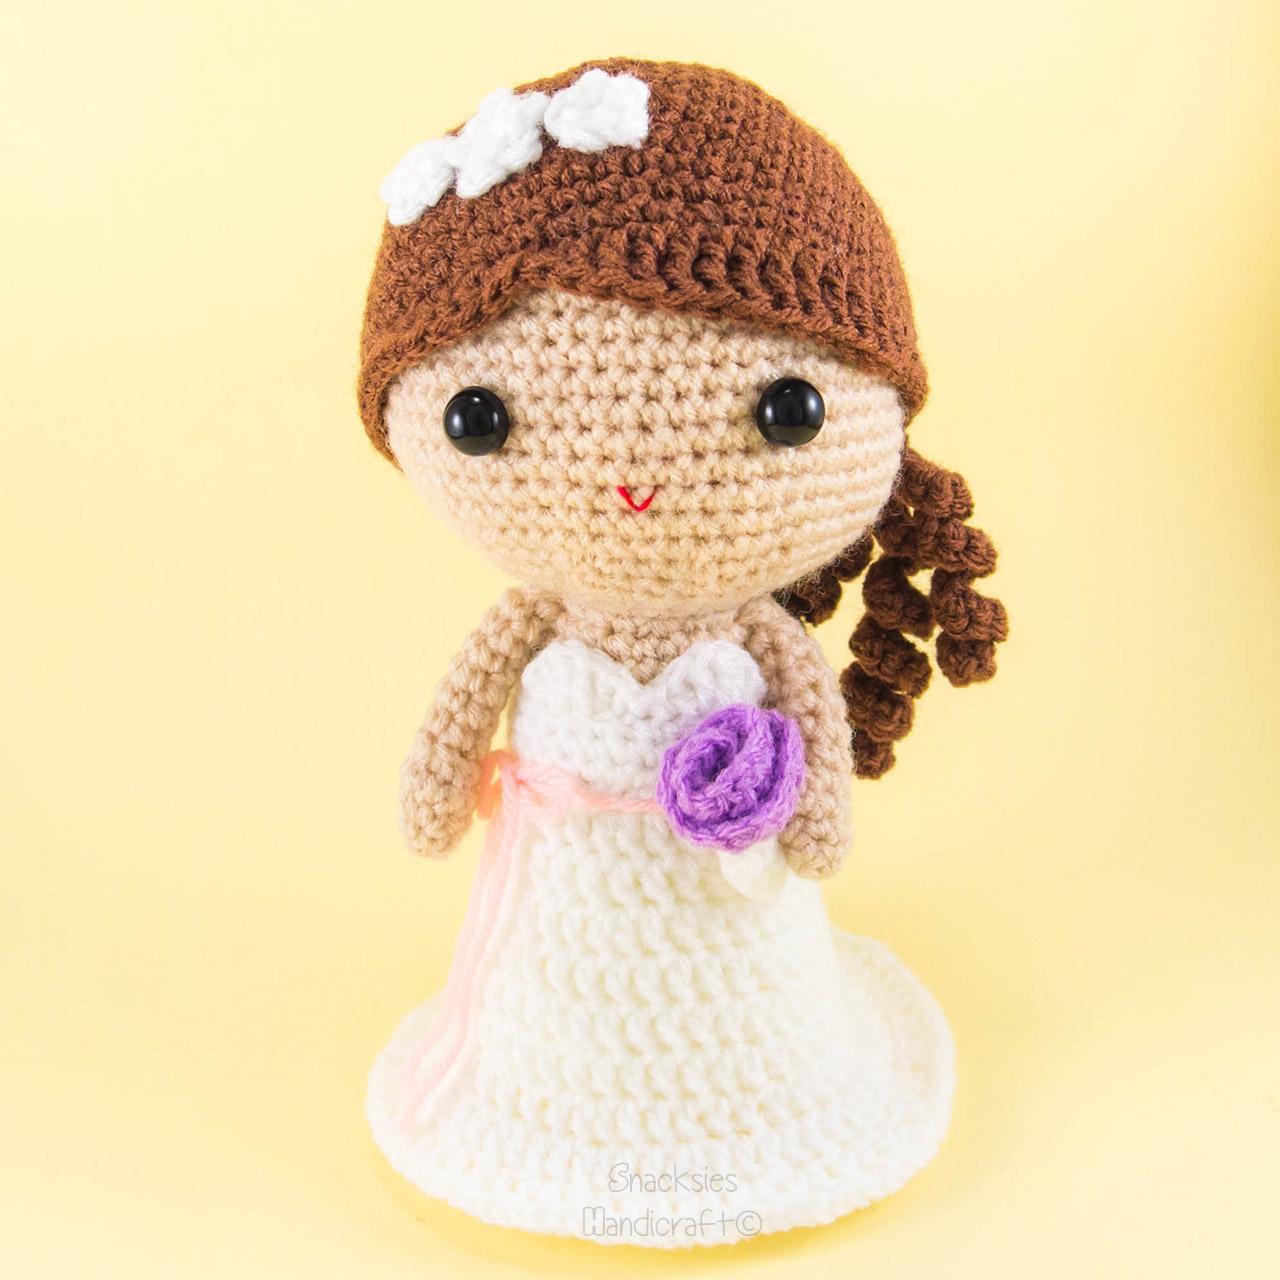 Crochet Pattern Amigurumi Dragon : Bride Amigurumi Crochet ~ Snacksies Handicraft Corner